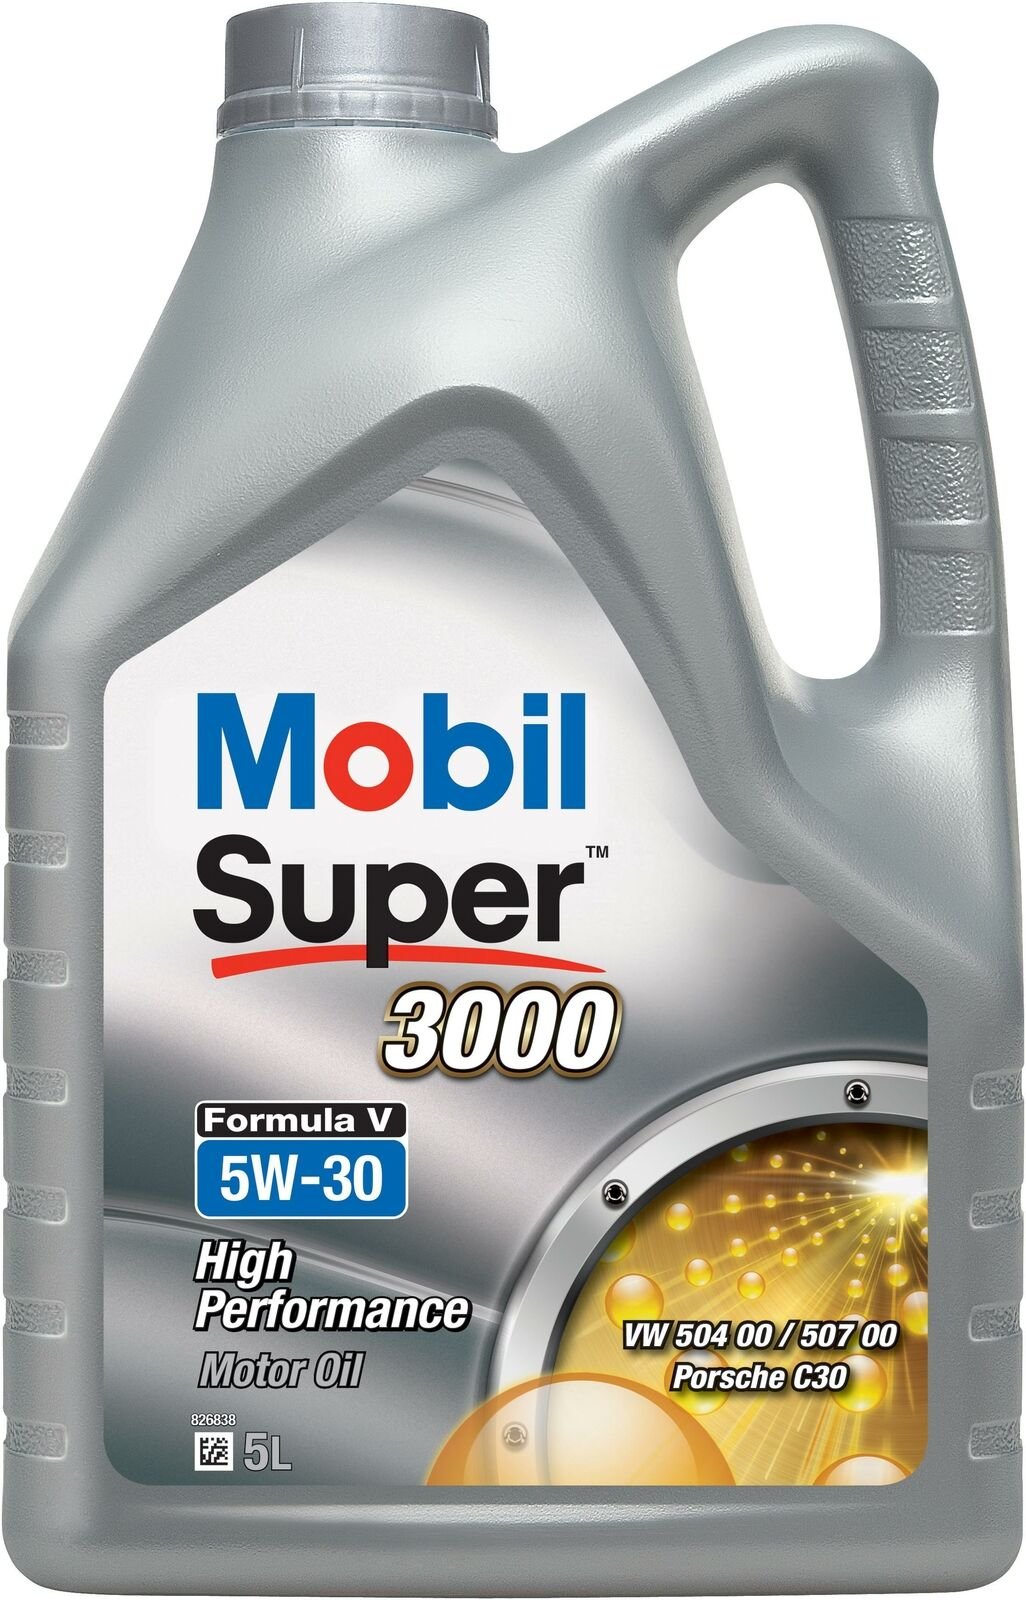 Moottoriöljy MOBIL 5W30 SUPER 3000 FORMULA V 5L